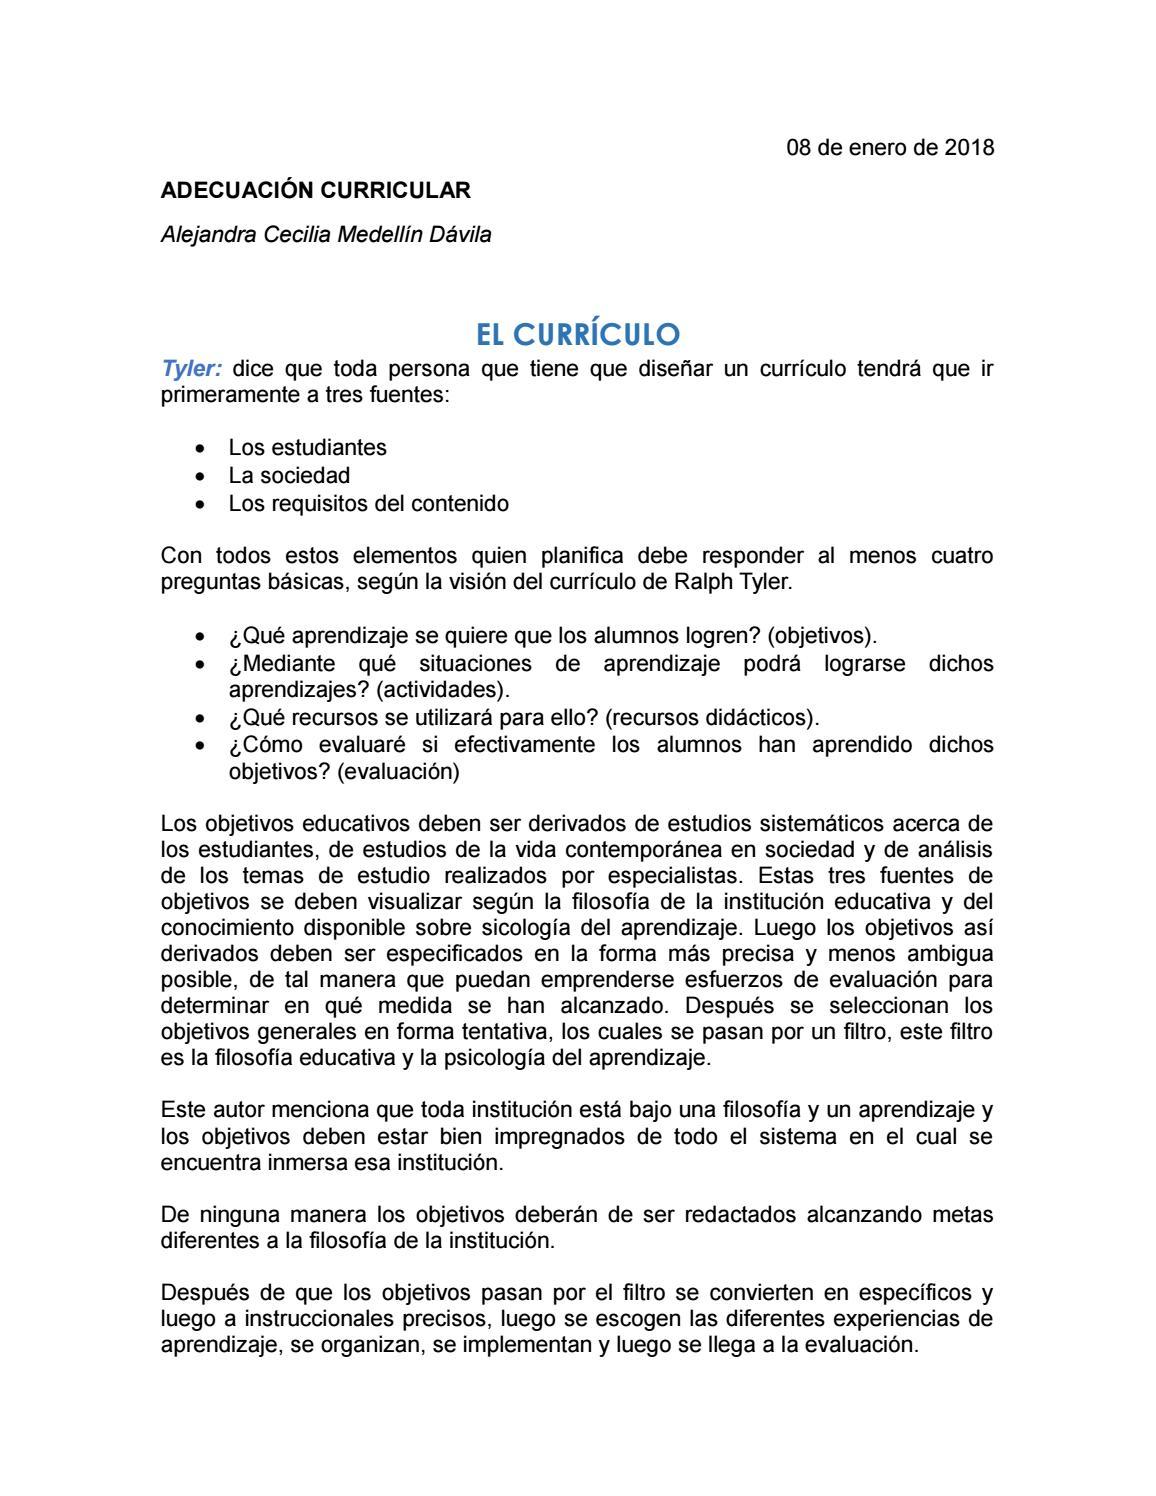 08 de enero de 2018 by Alejandra Medellin - issuu